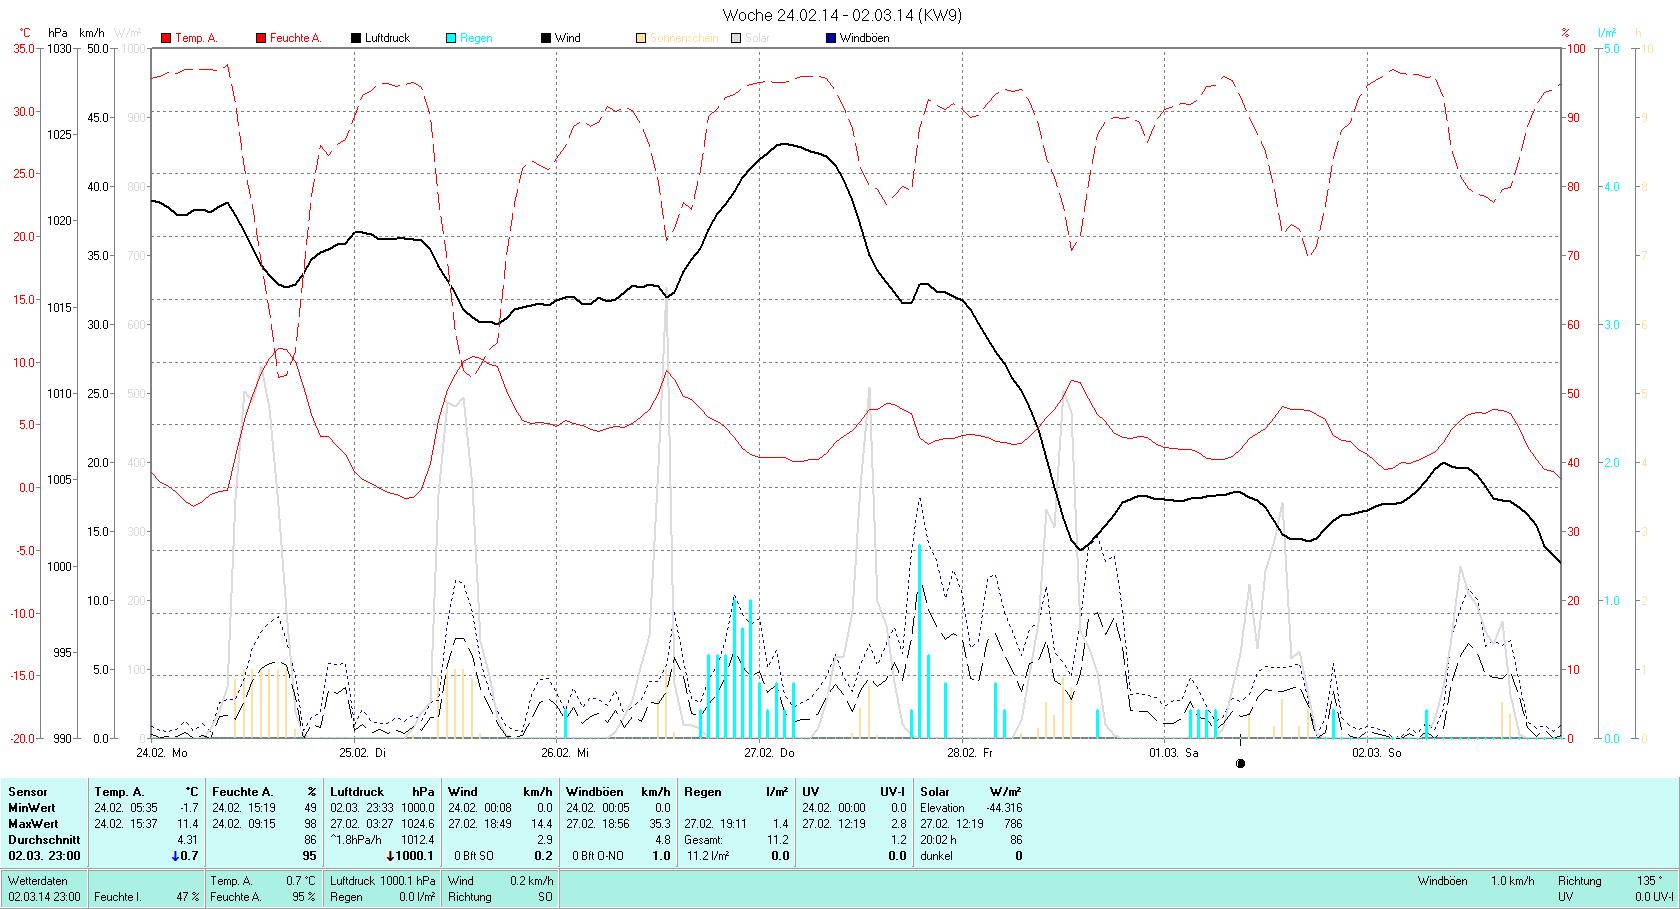 KW 09 Tmin -1.7°C, Tmax 11.4°C, Sonne 28:35h, Niederschlag 11.2mm/2